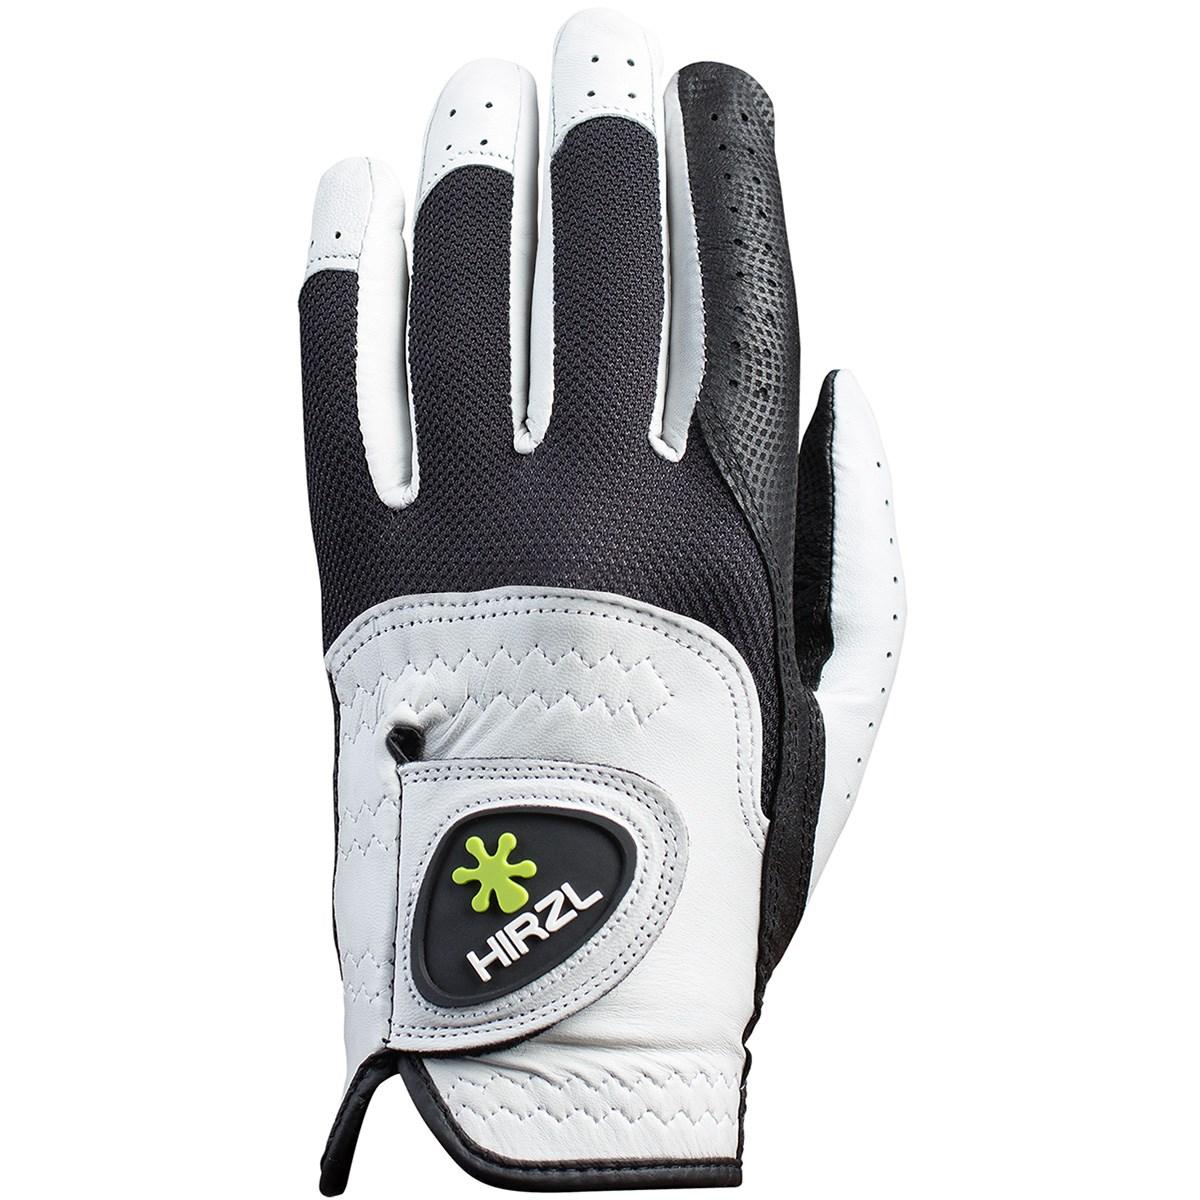 ハーツェル HIRZL 天然皮革グローブ 25cm 左手着用(右利き用) ホワイト/ブラック